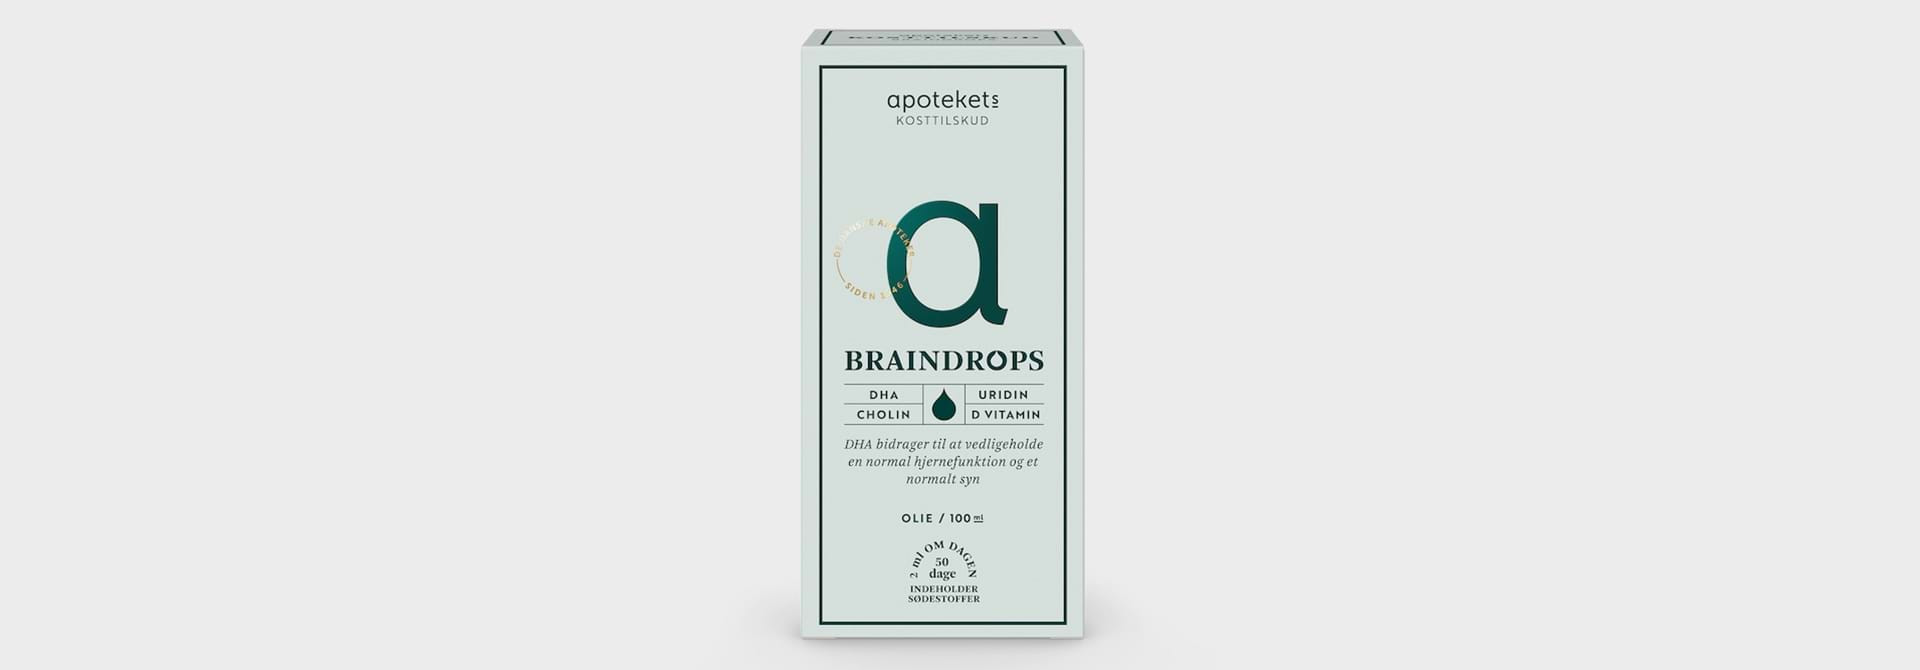 Søg støtte til 'BrainDrops'